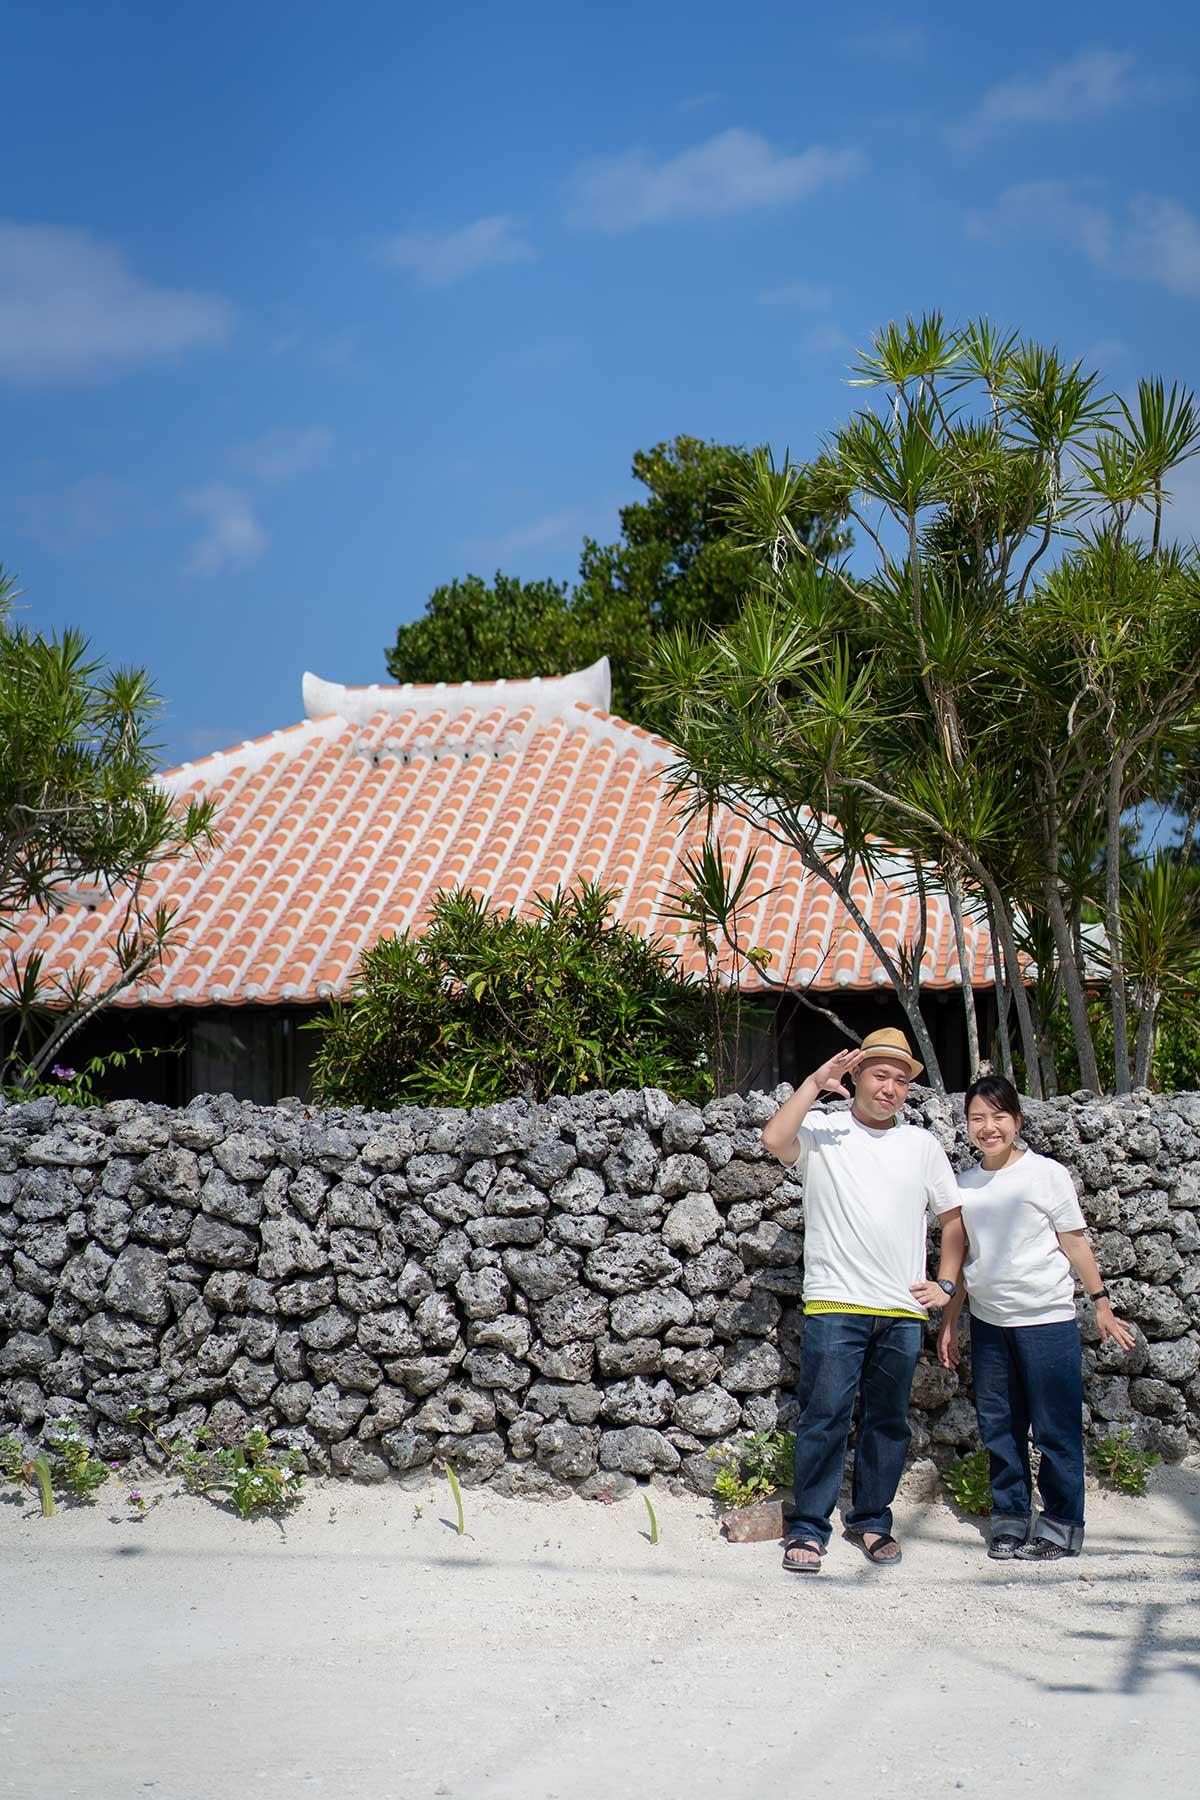 石垣と赤瓦の屋根